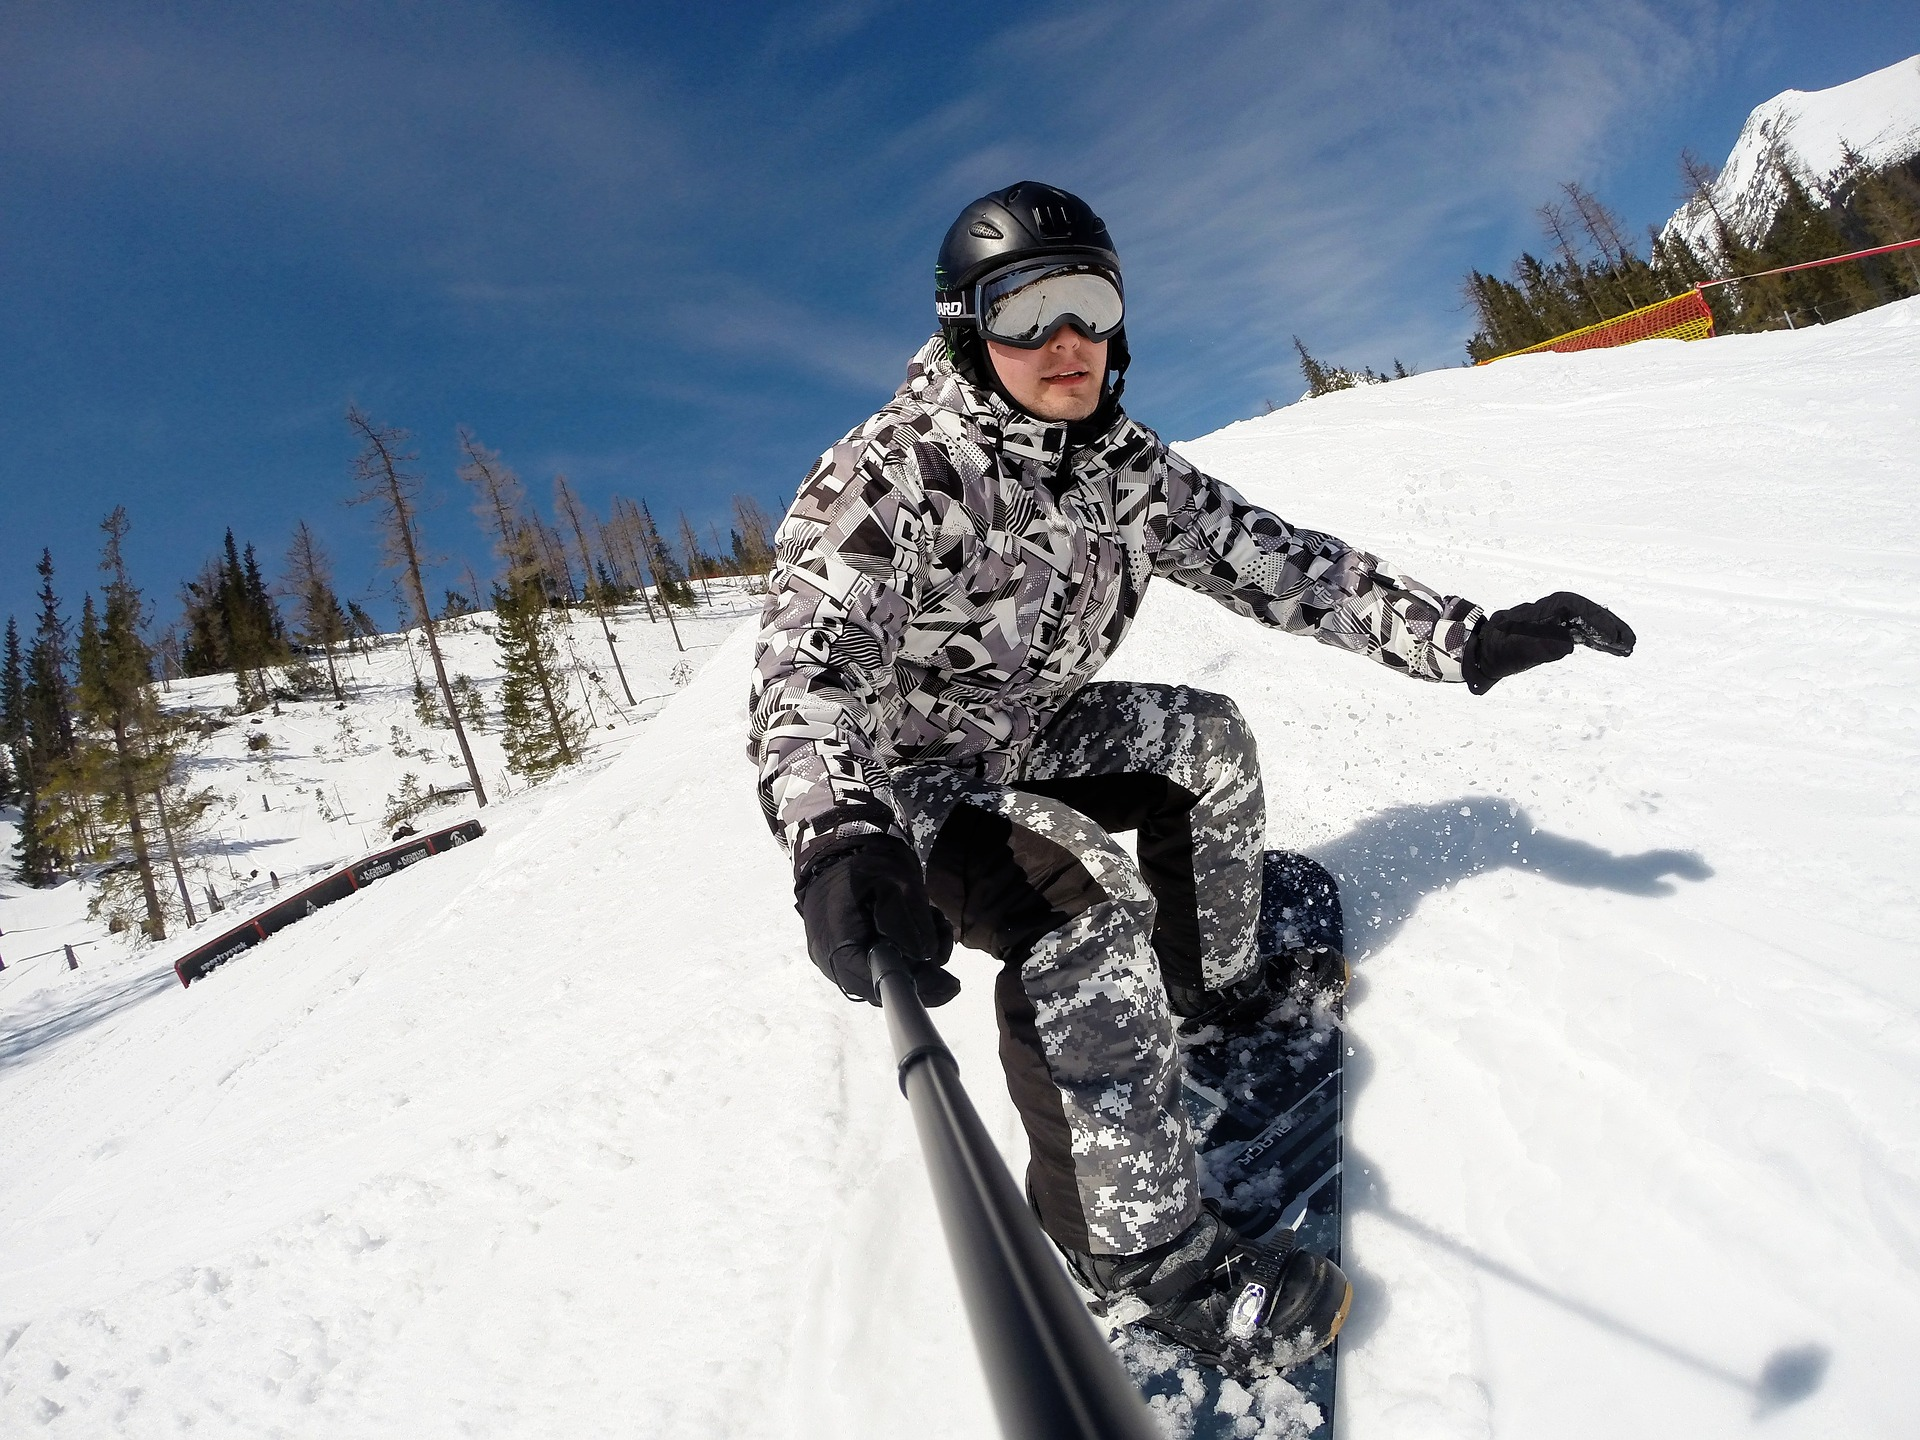 https://pixabay.com/ja/冬-雪-スノーボード-山地-スキー-878727/